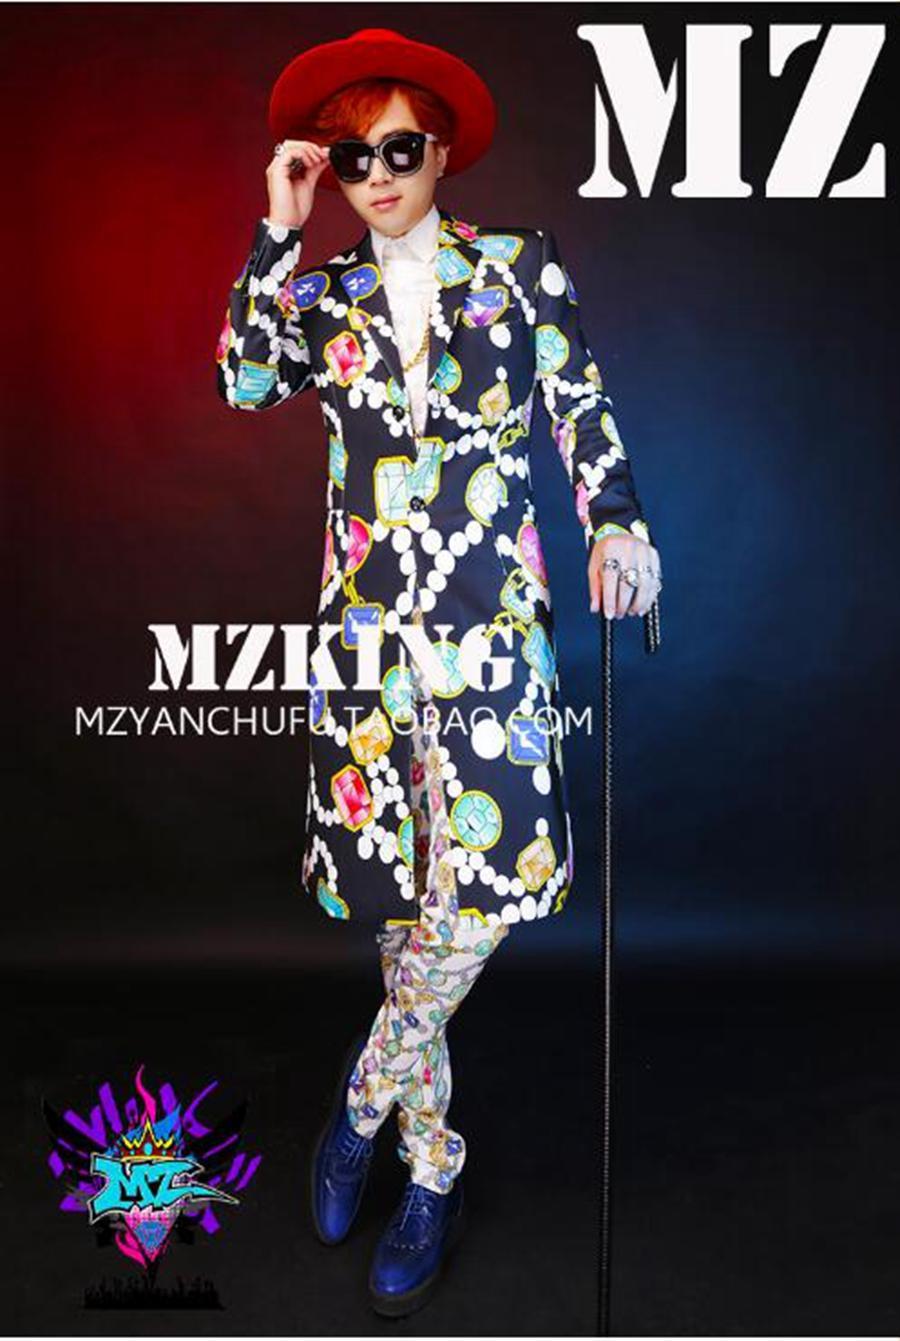 한국어 버전 활주로의 남성 싱어 유행 나이트 클럽은 색색의 보석 긴 정장 복장을 보입니다. S - 6 xl